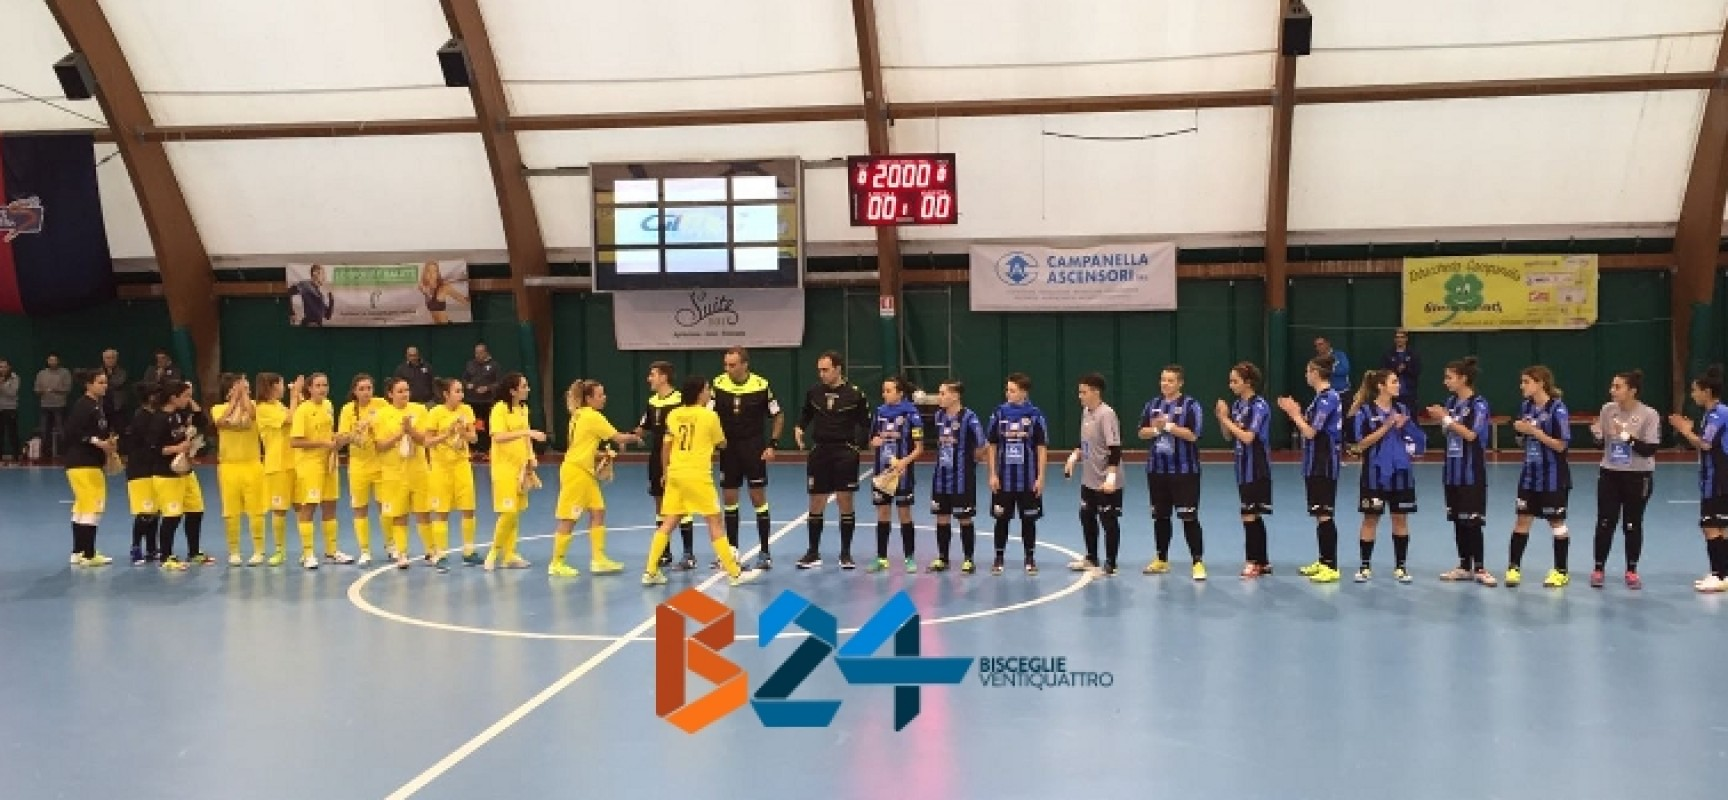 Annese-Zaccagnino ed il Futsal Bisceglie femminile batte il Martina / CLASSIFICA